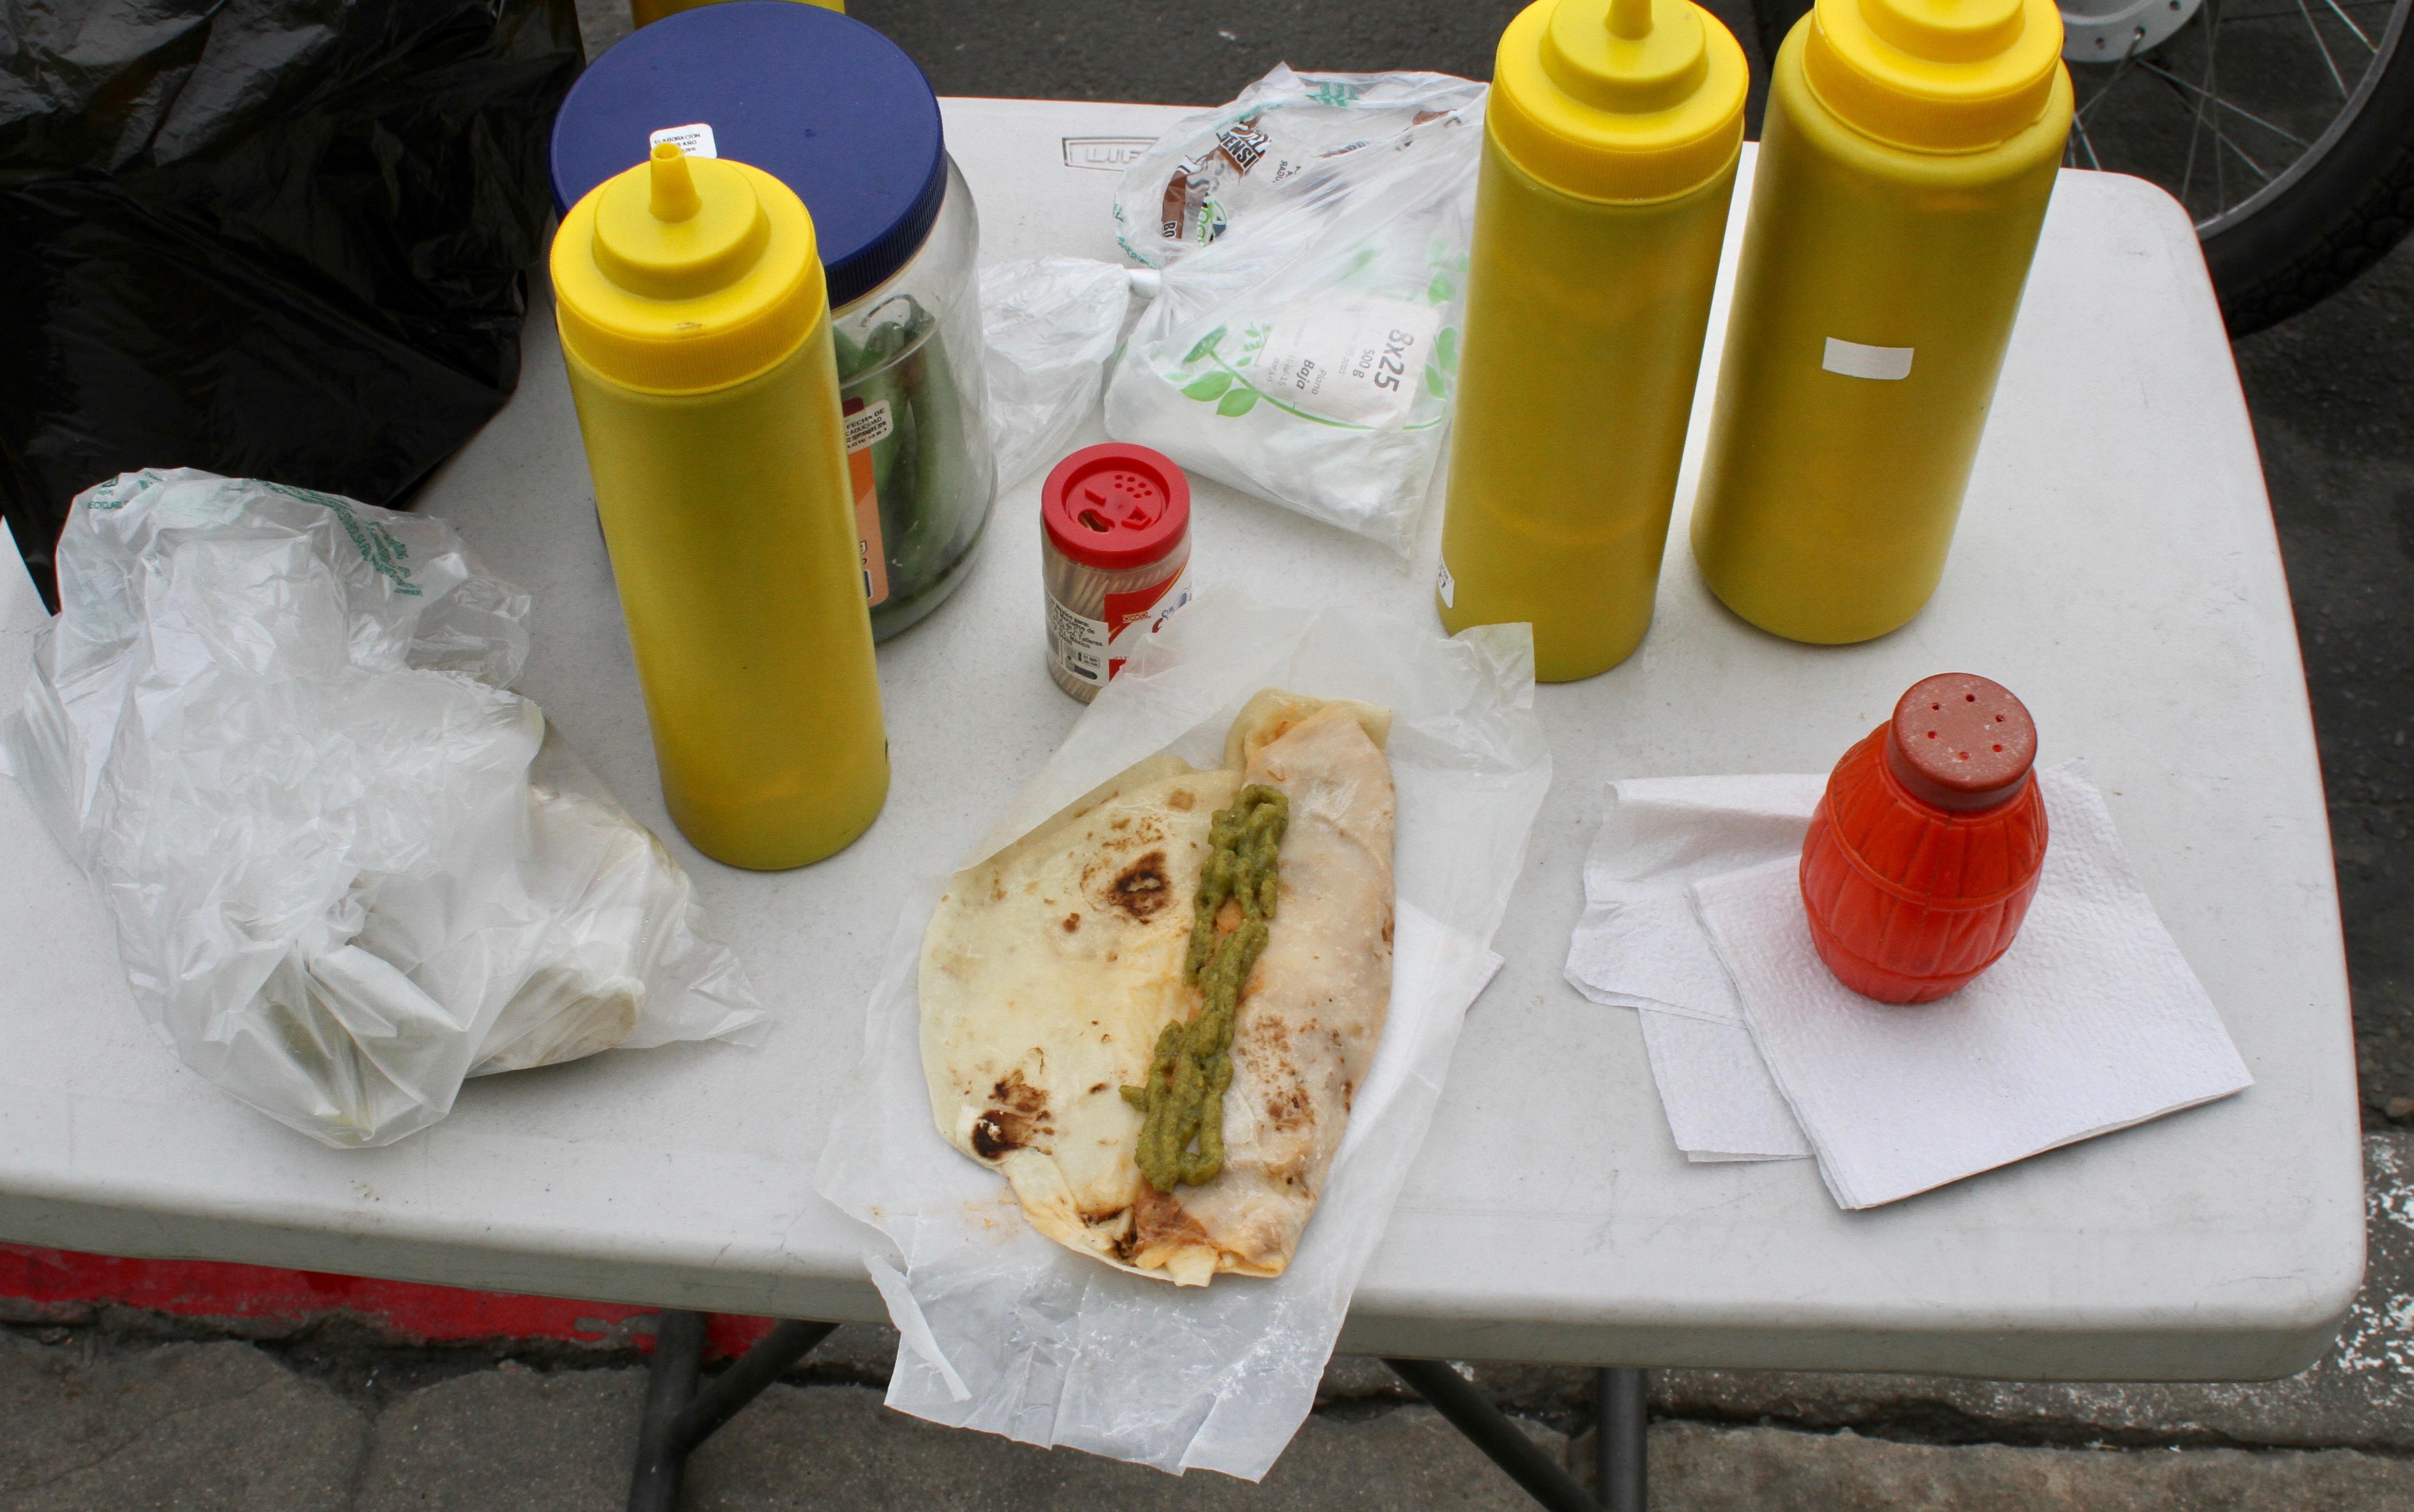 Burrito de desebrada. To go, of course.